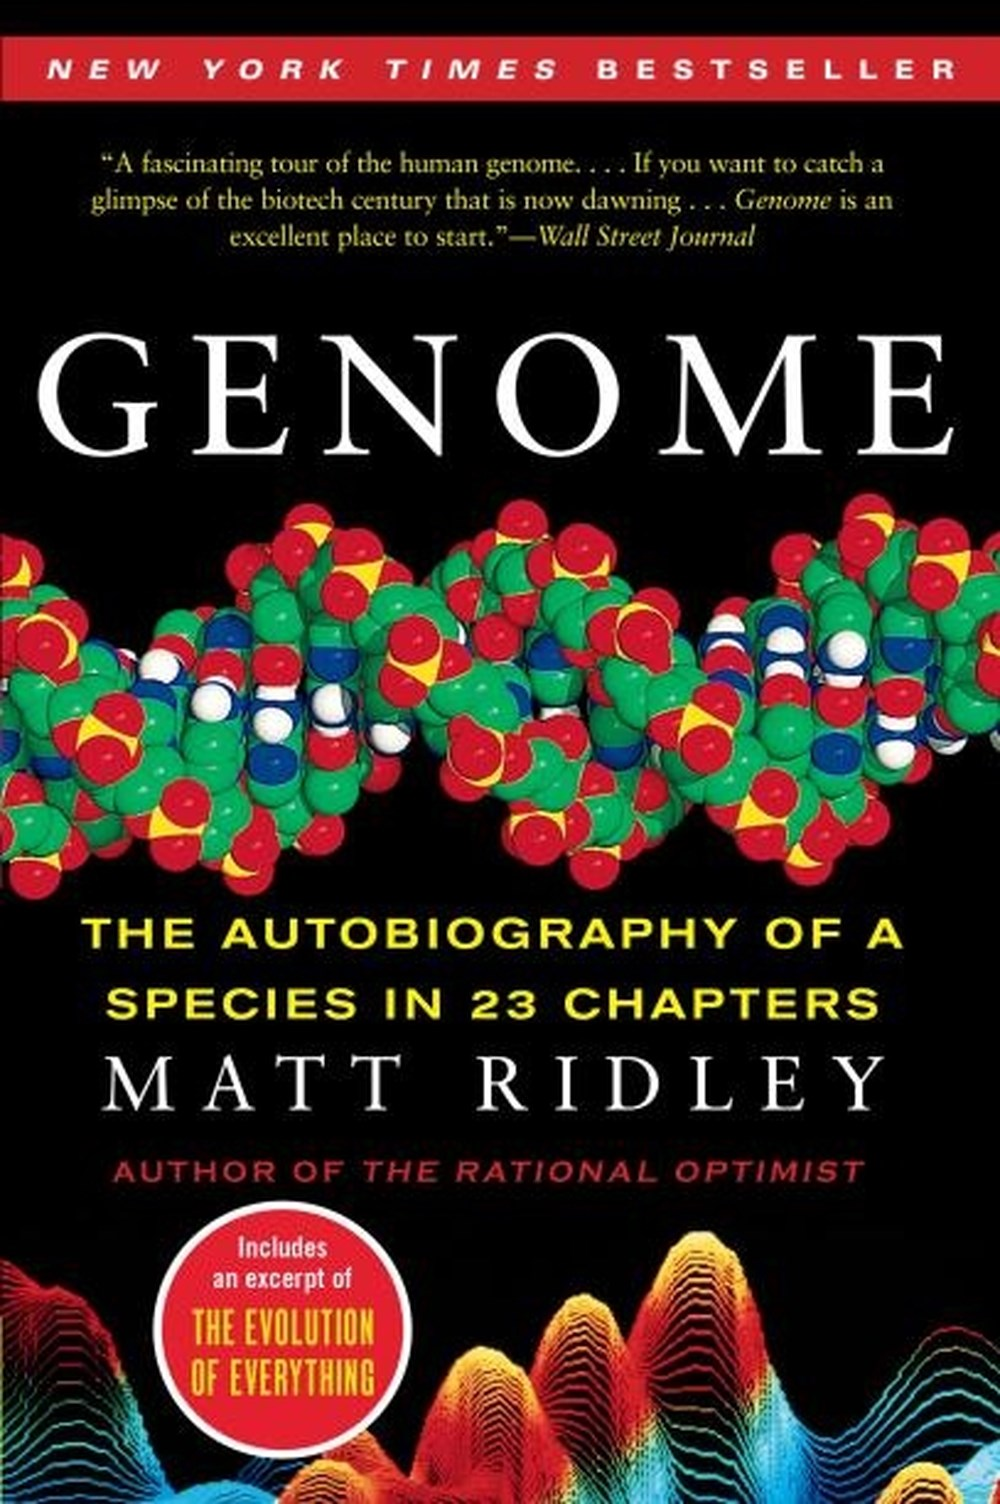 كتاب الجينوم